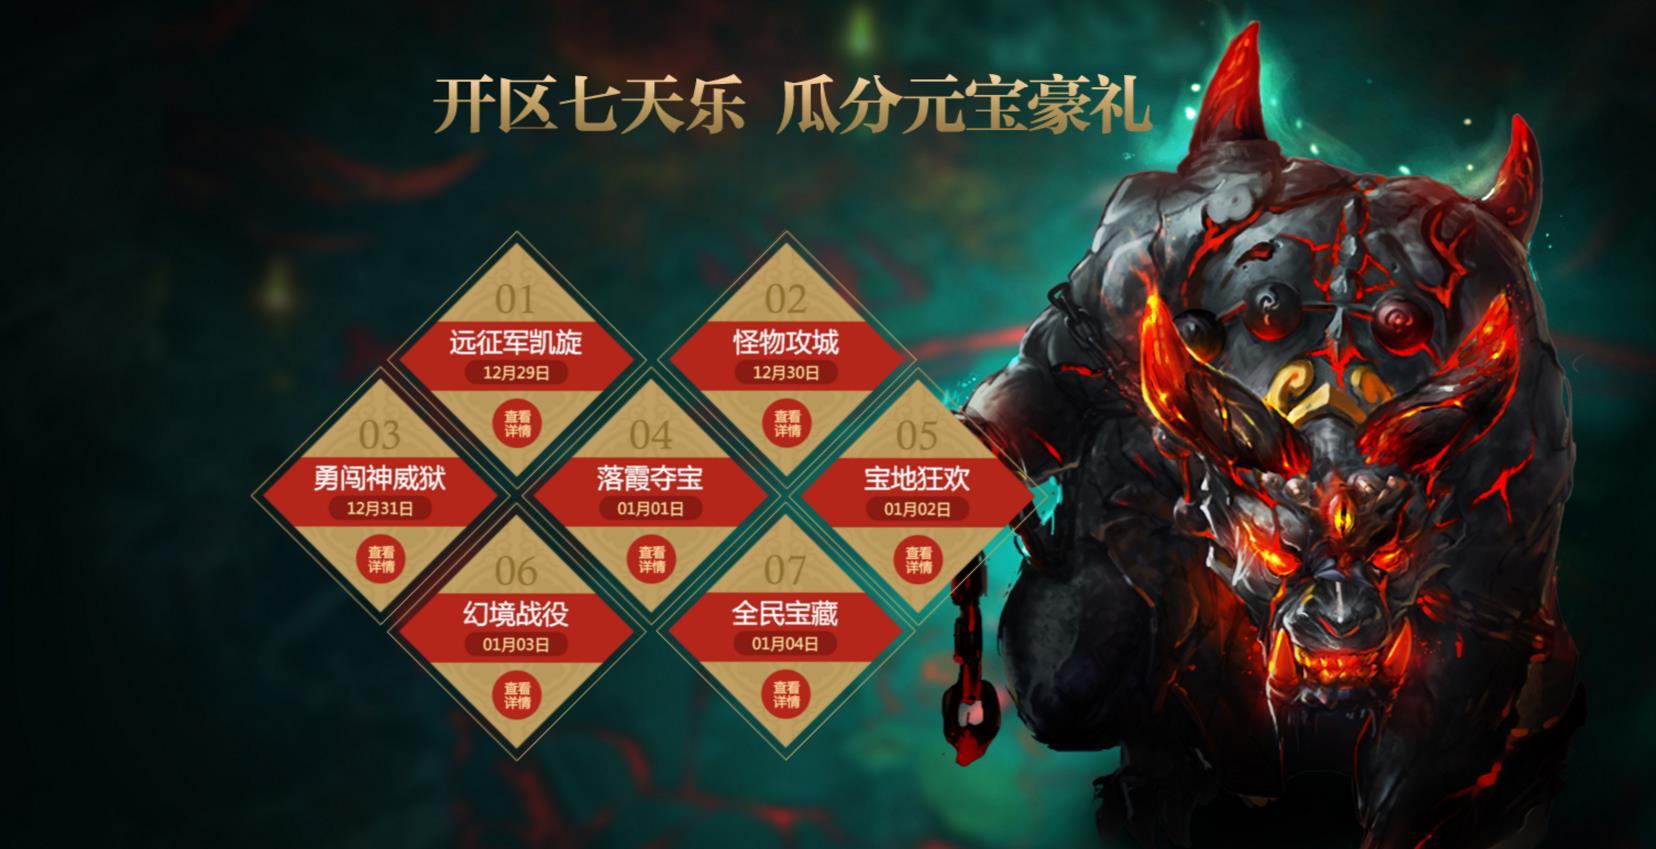 鏖战魔神皇陵争霸《传奇世界》幻境四区今日开启